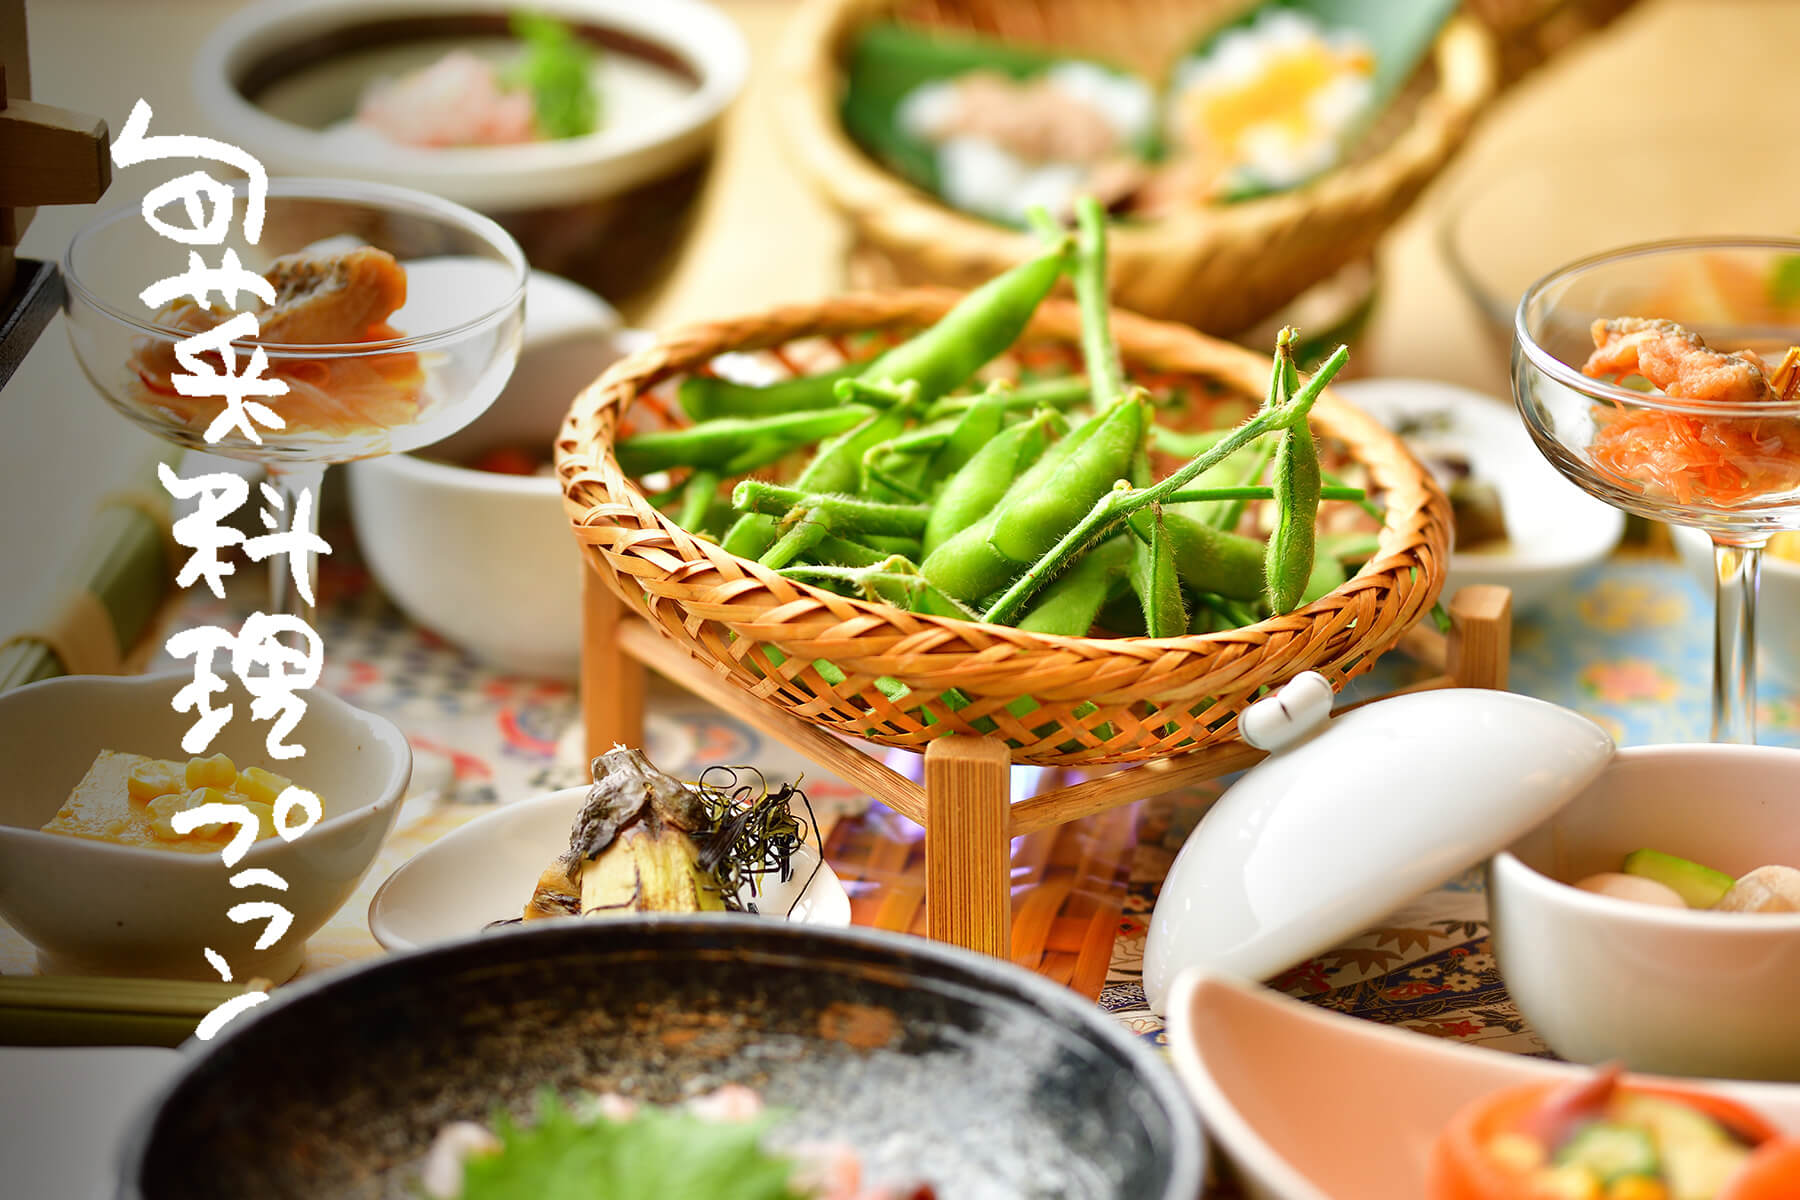 〈旬菜料理プラン 2019夏〉地元妙高の高原野菜、地場産の山菜を堪能!